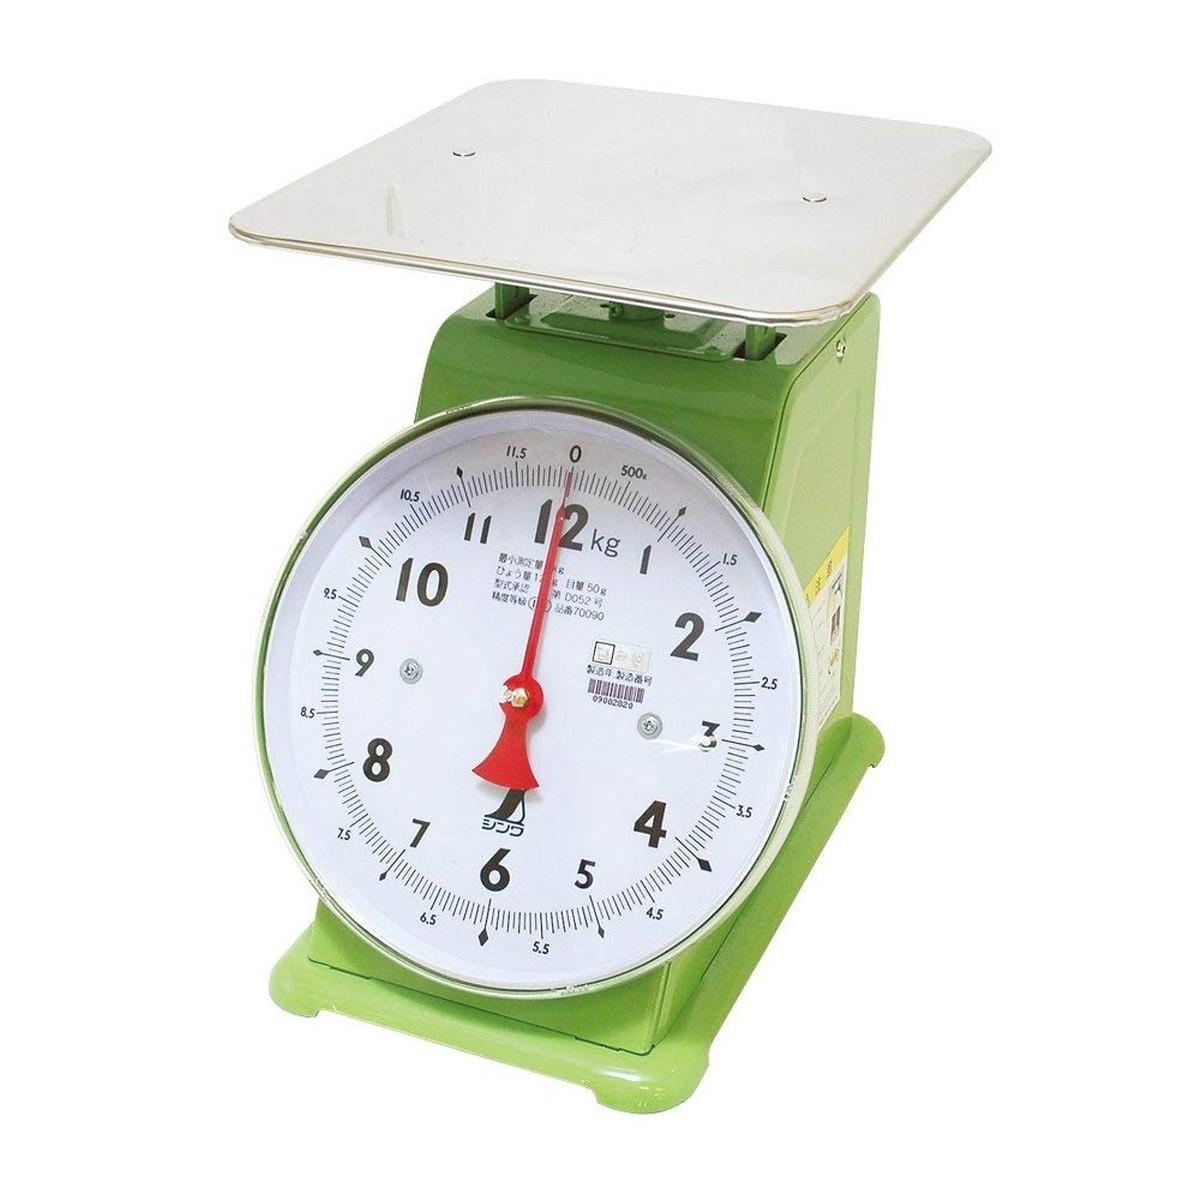 シンワ測定 上皿自動秤 12kg 70090【クーポン配布中】